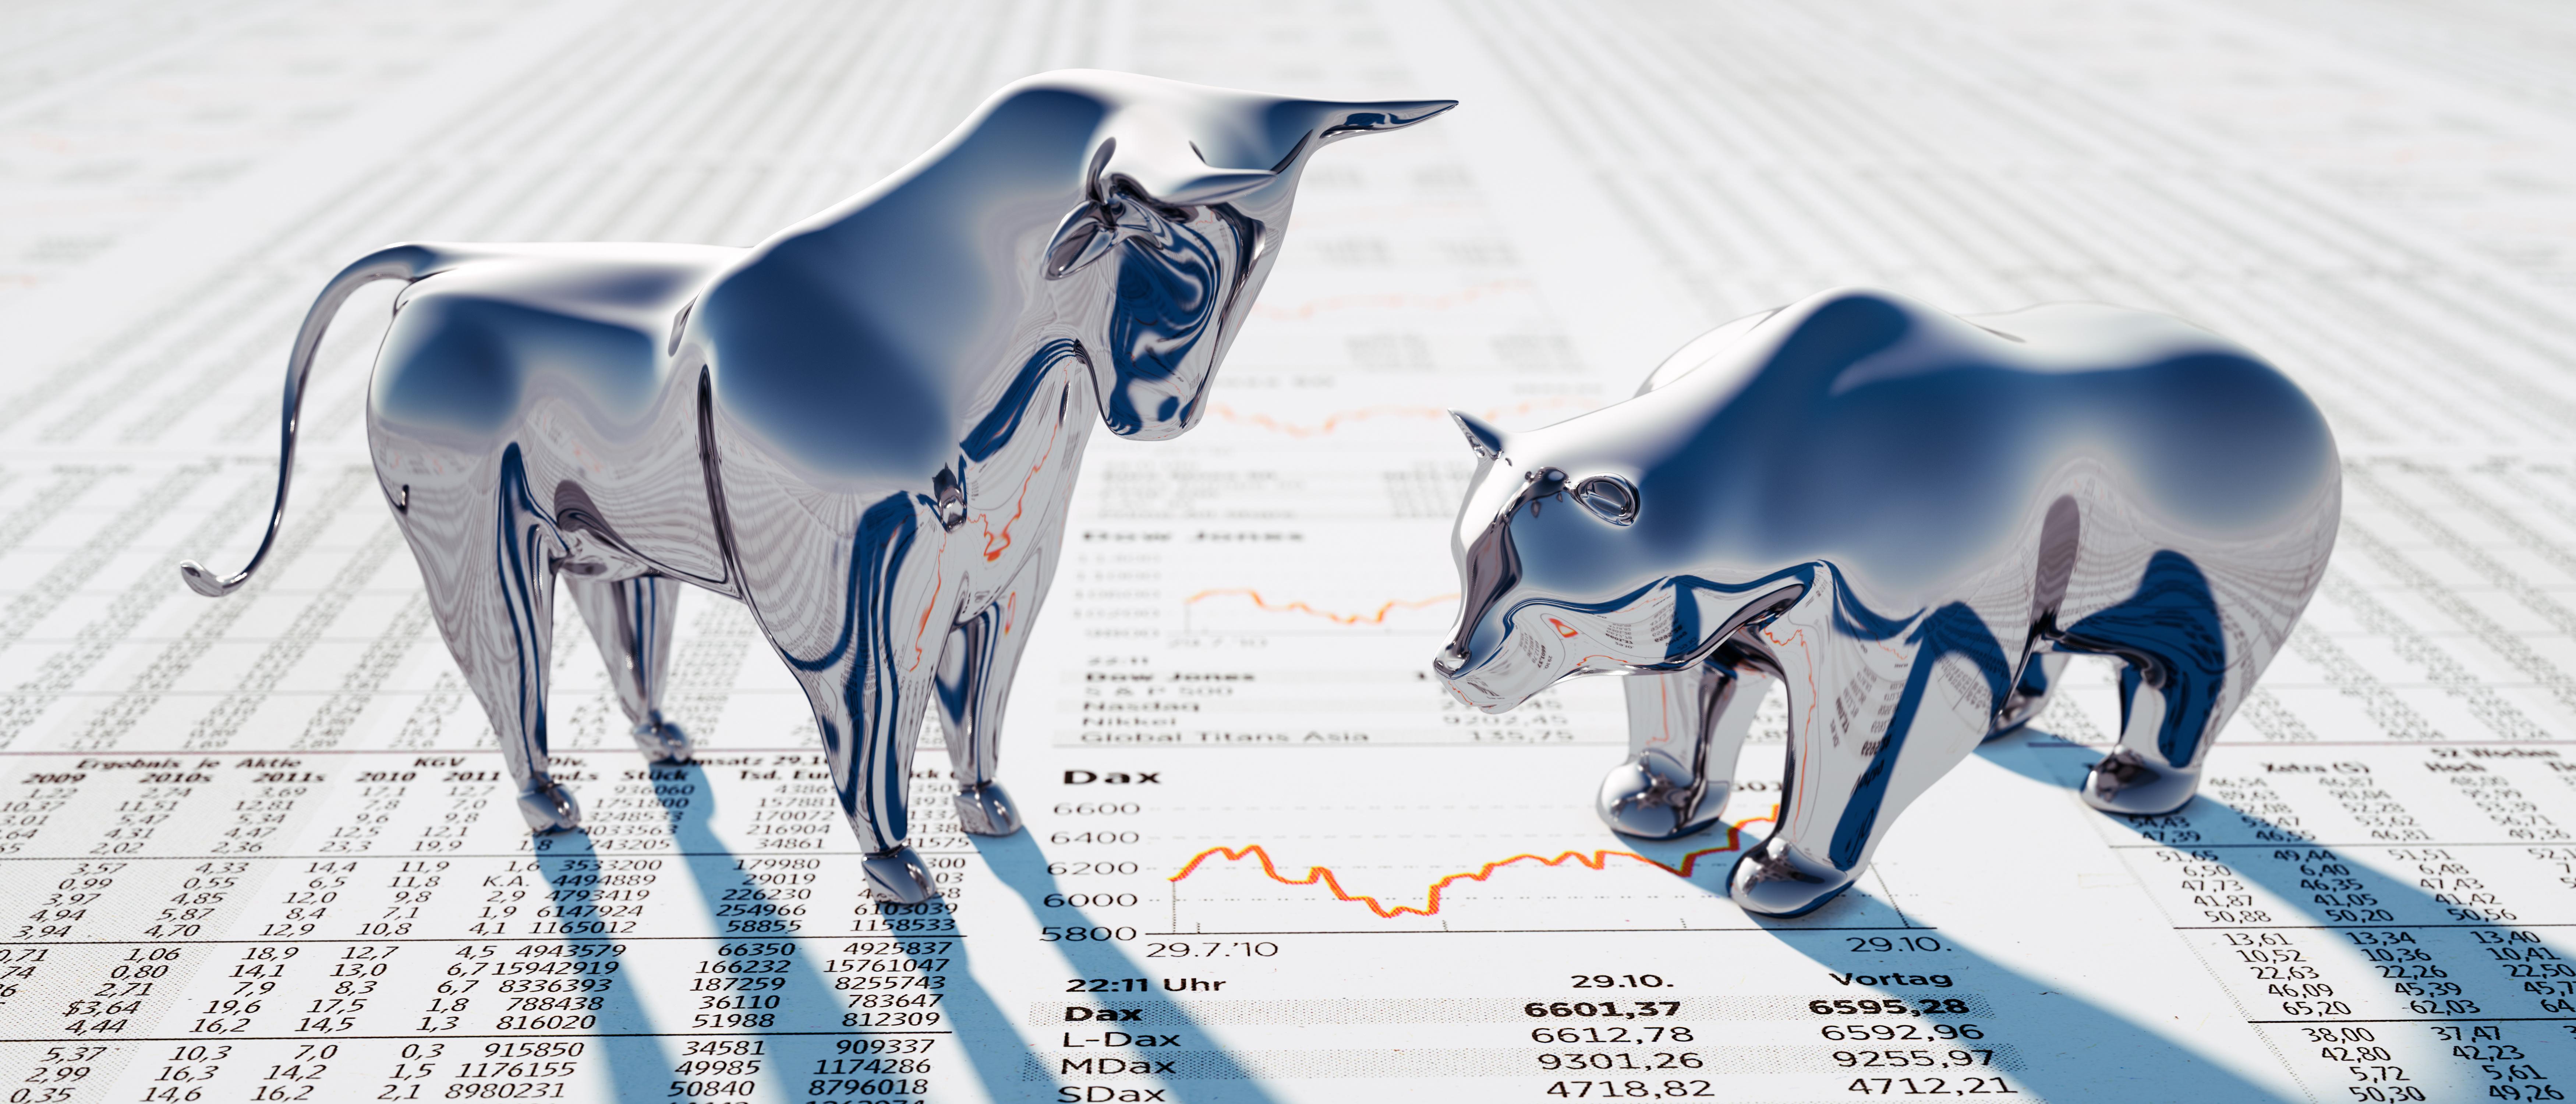 Aktien: Bulle und Bär stehen auf Zeitungsseite mit Aktienkursen